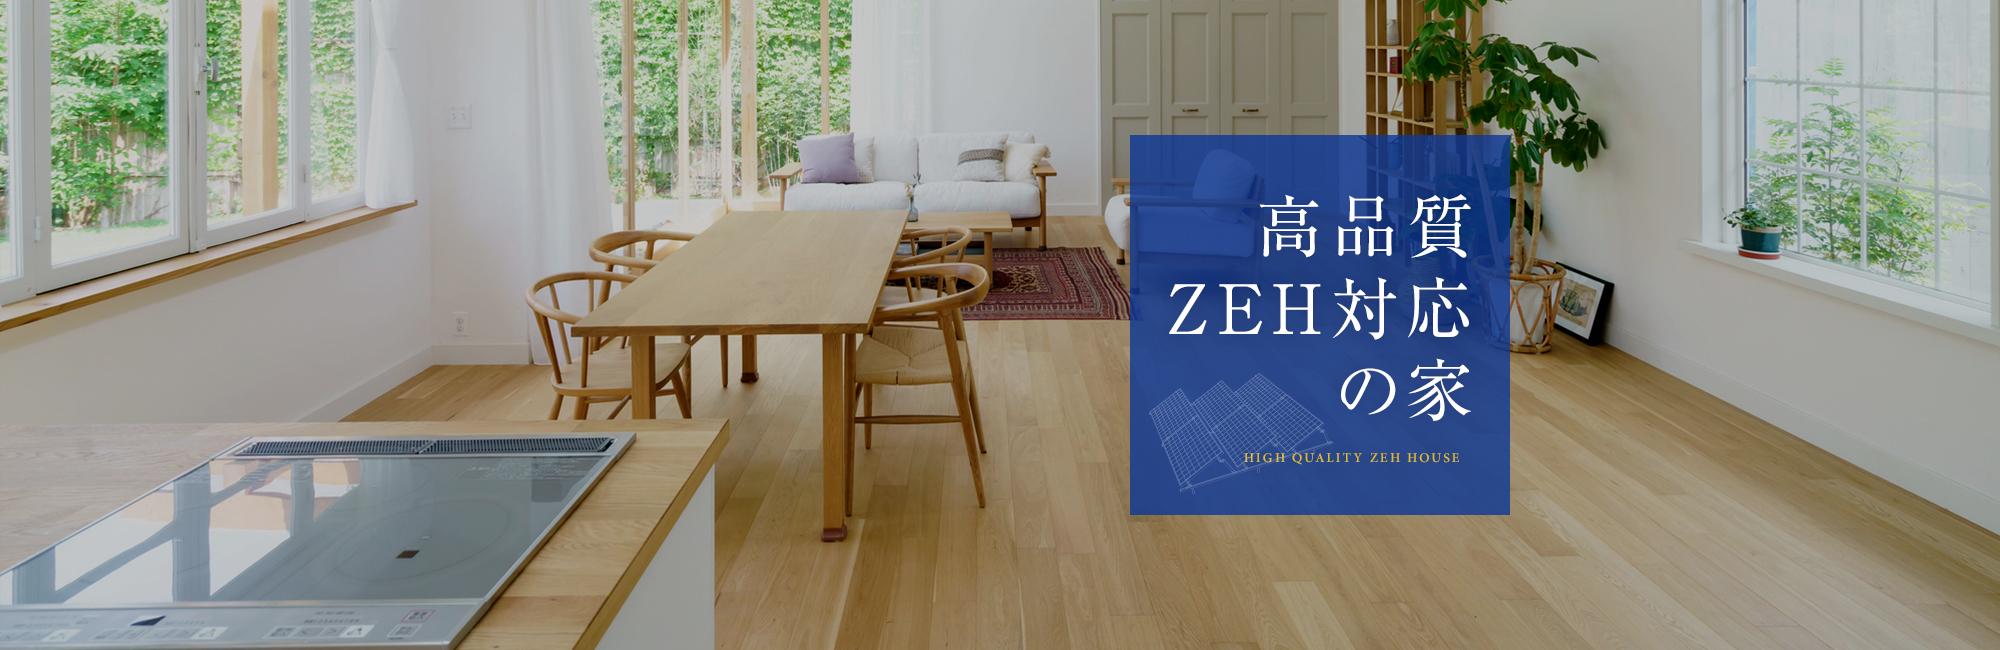 高品質ZEH対応の家